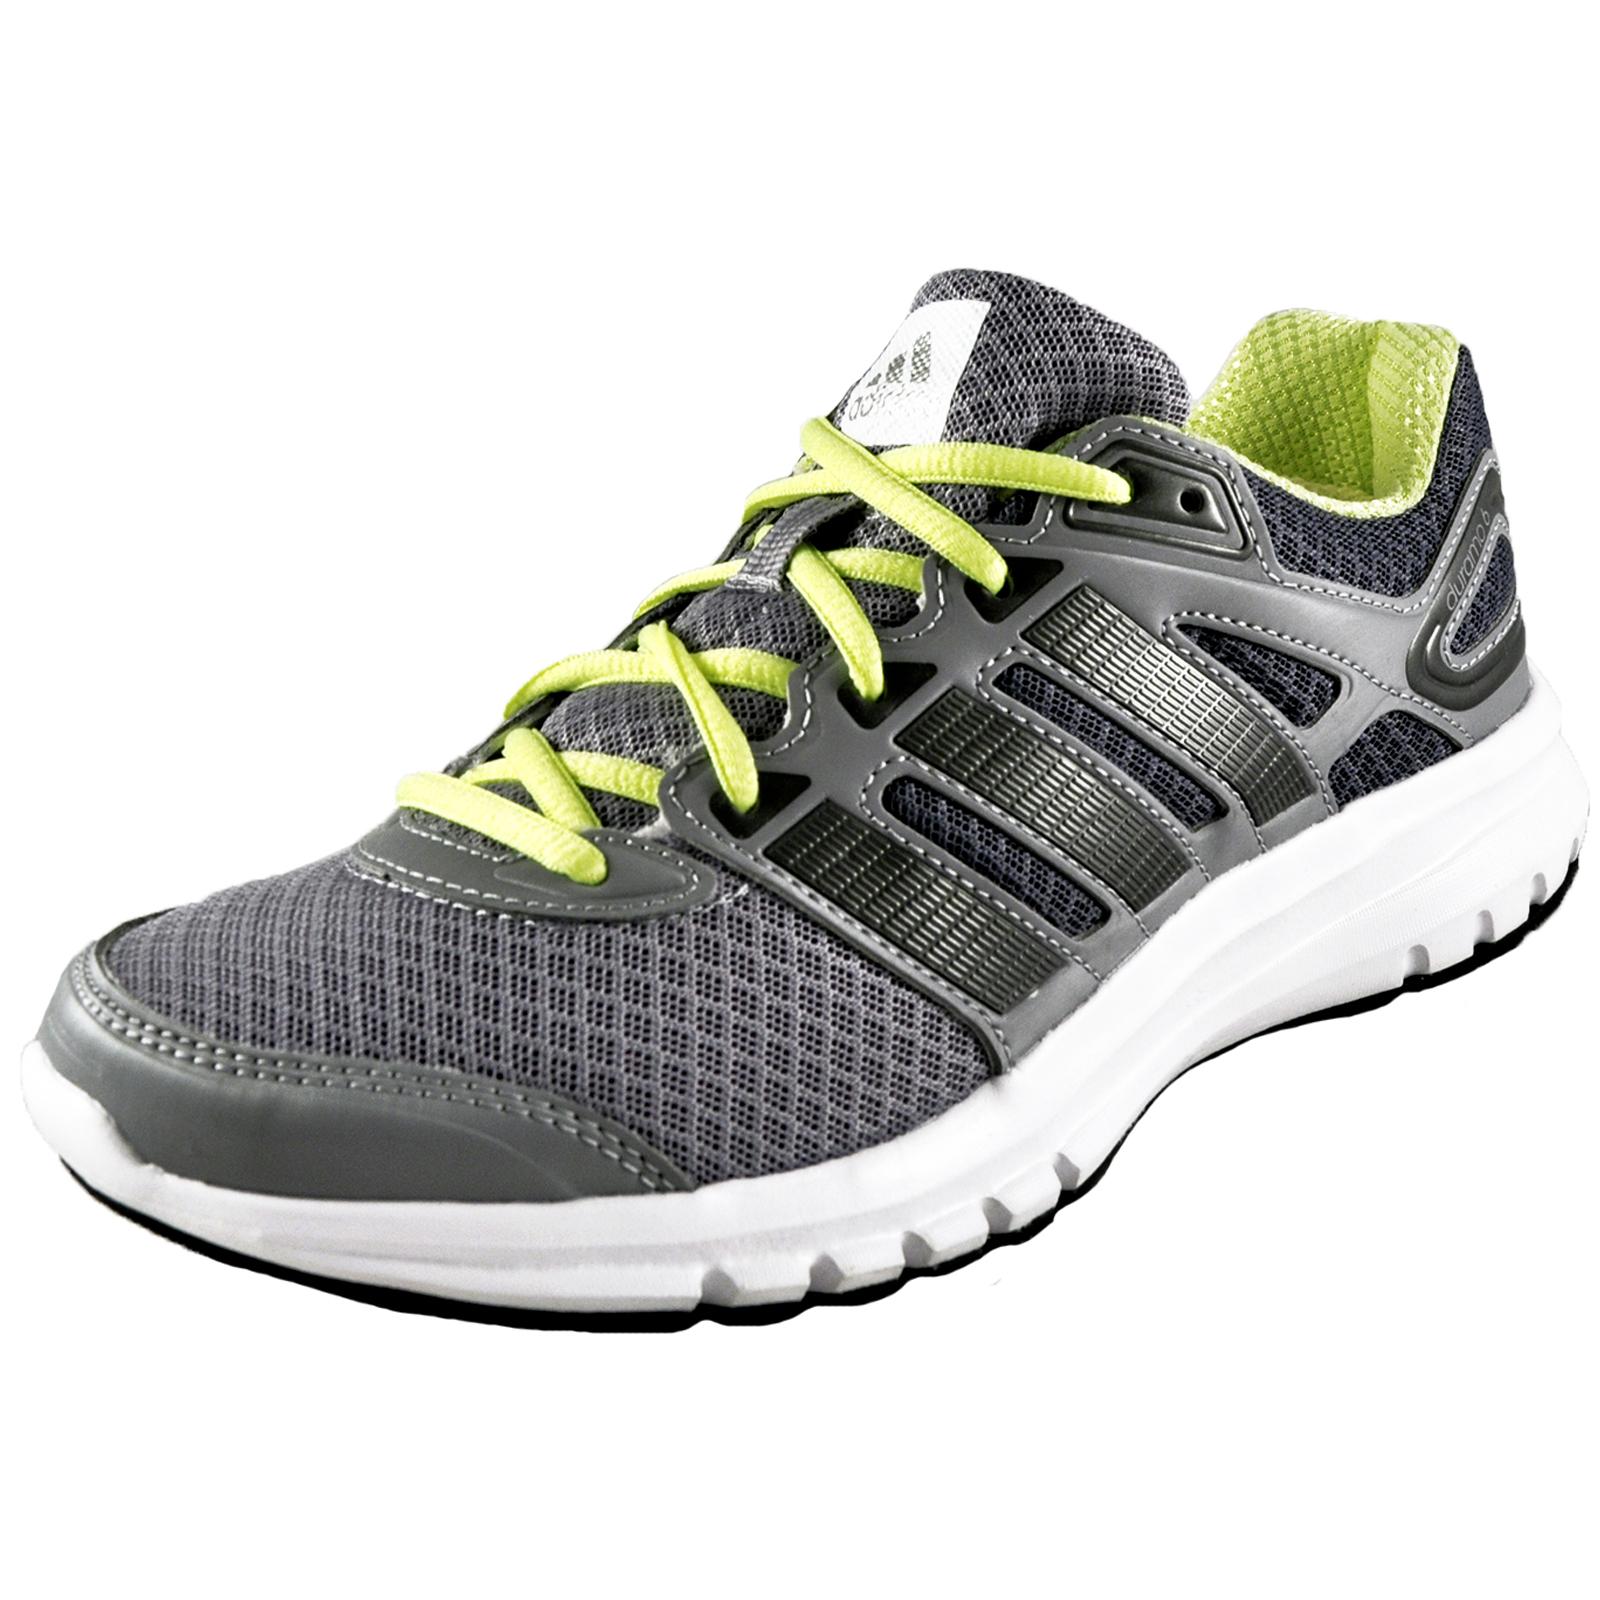 765ed3222e2e0 Adidas Durnamo Womens Fitness Gym Trainers Grey